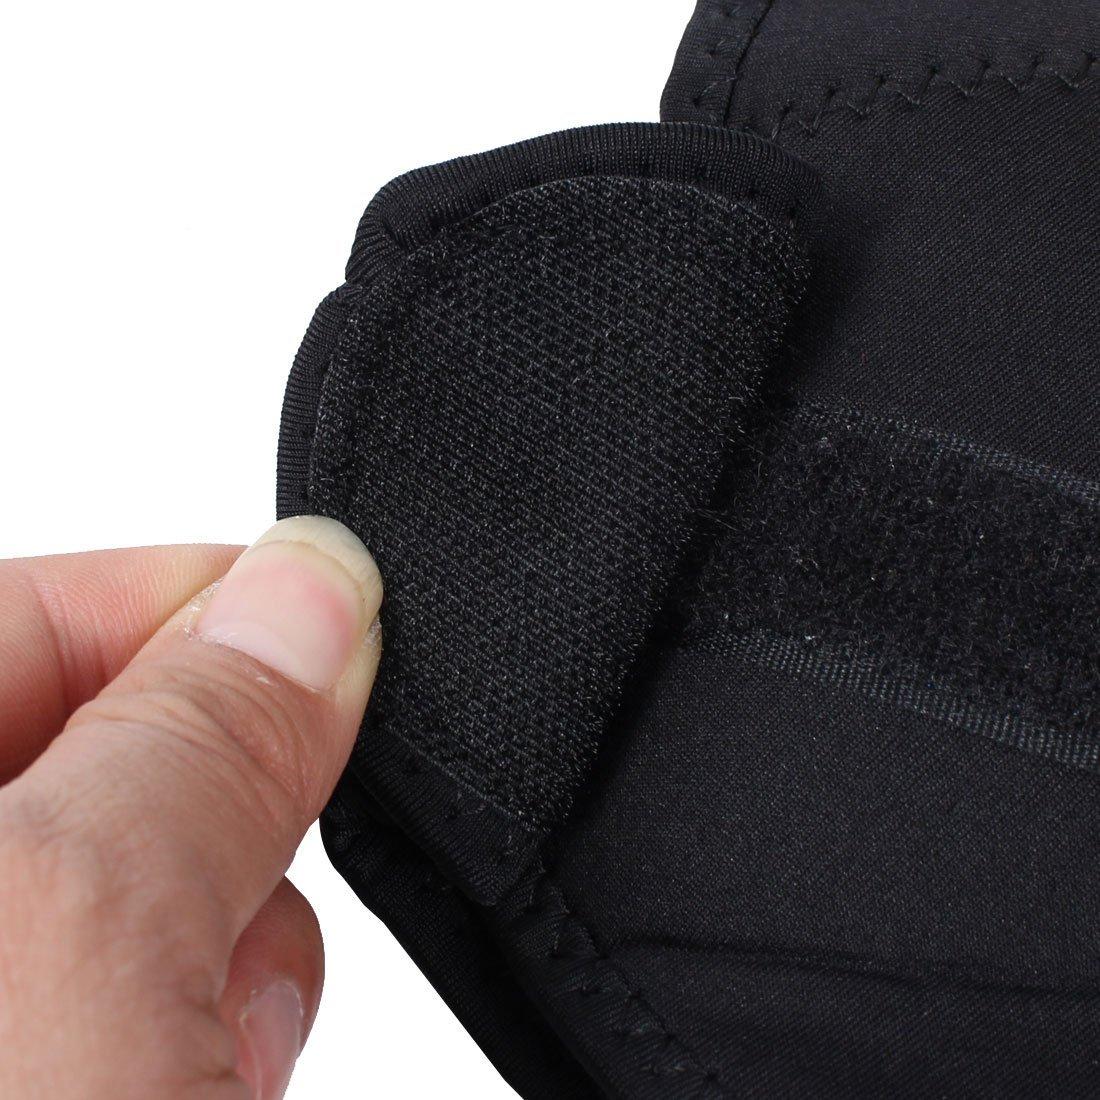 Amazon.com: eDealMax neopreno deportes de Los Hombres Ajustable Soporte de hombro Doble elástico de la Manga del Abrigo del Protector Negro Azul: Health ...